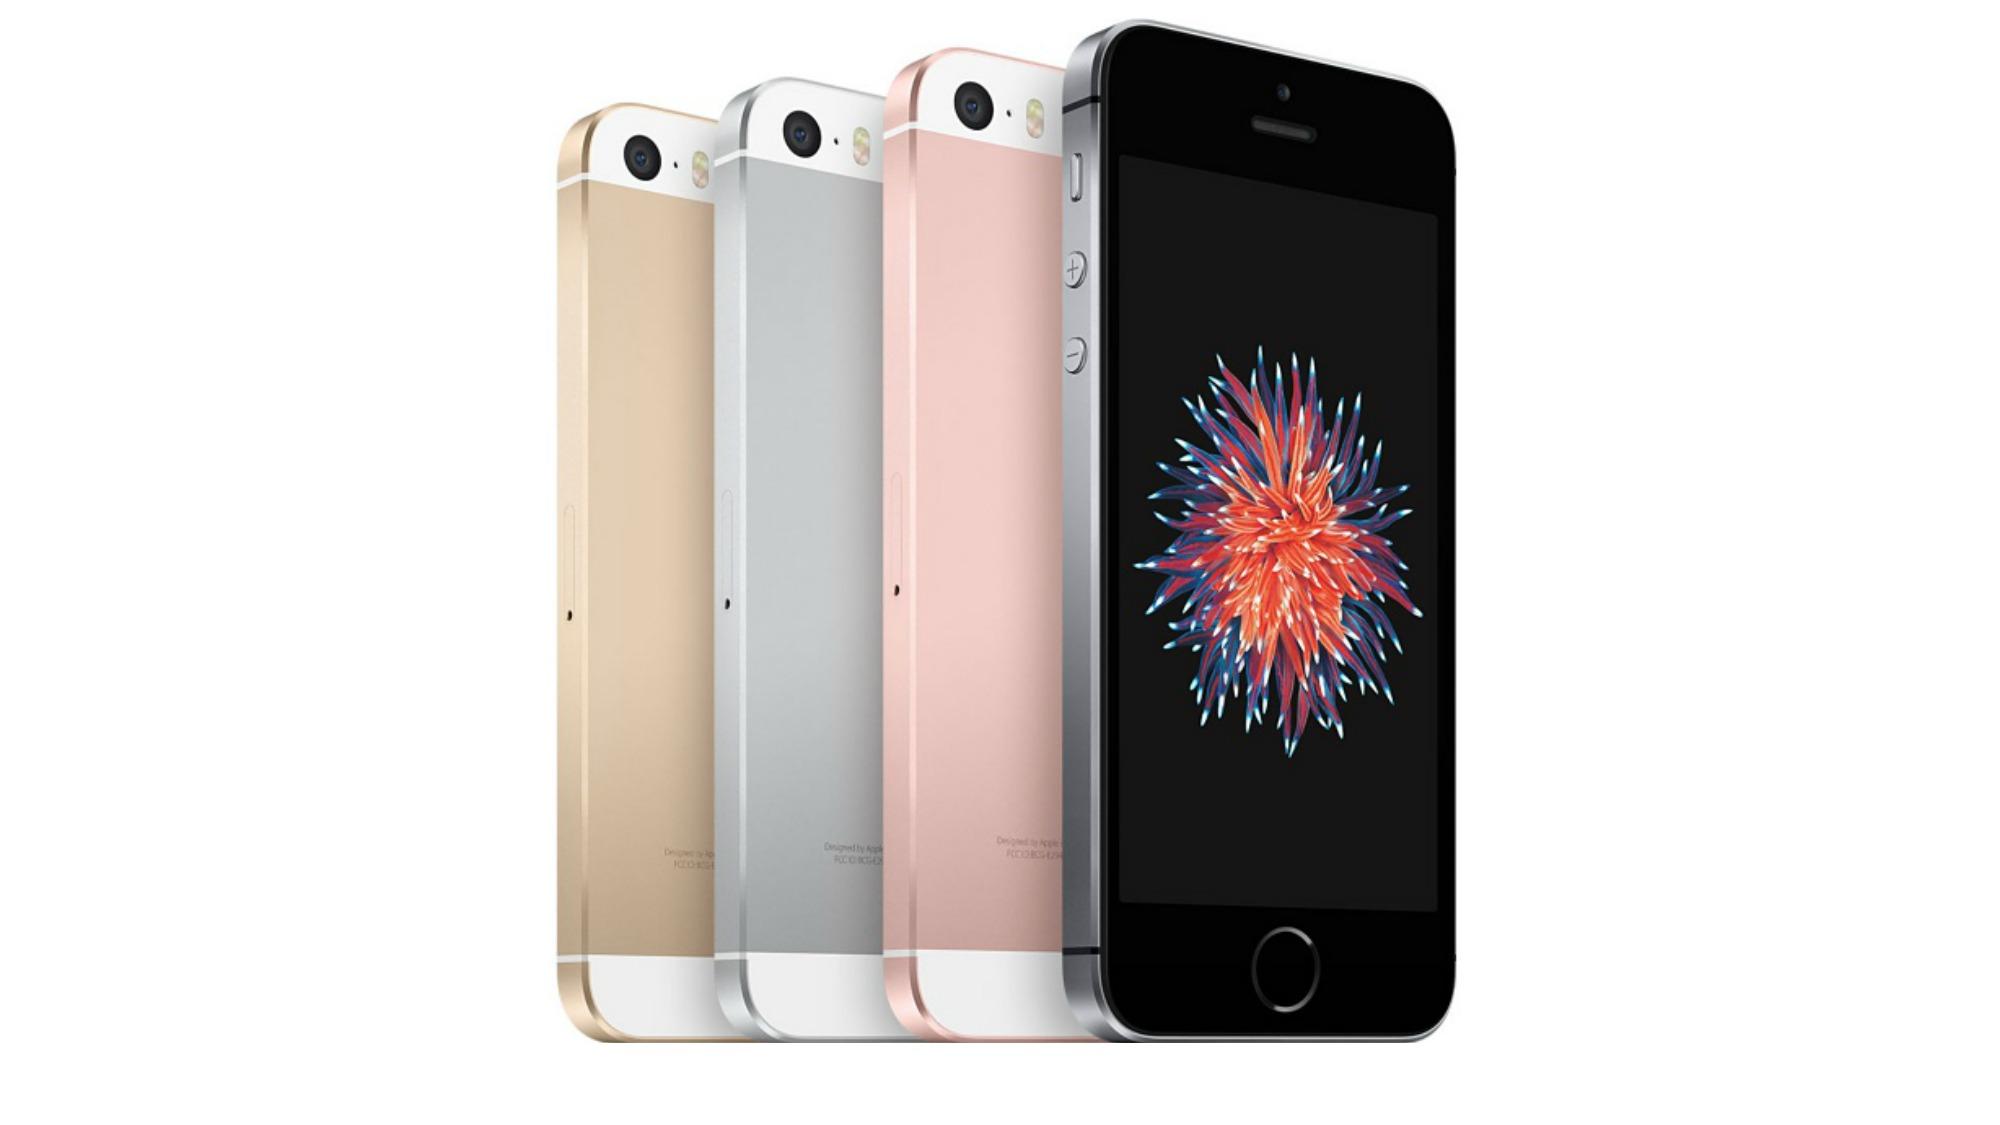 Сделки iPhone SE: лучшая экономия на iPhone SE в октябре 2017 года